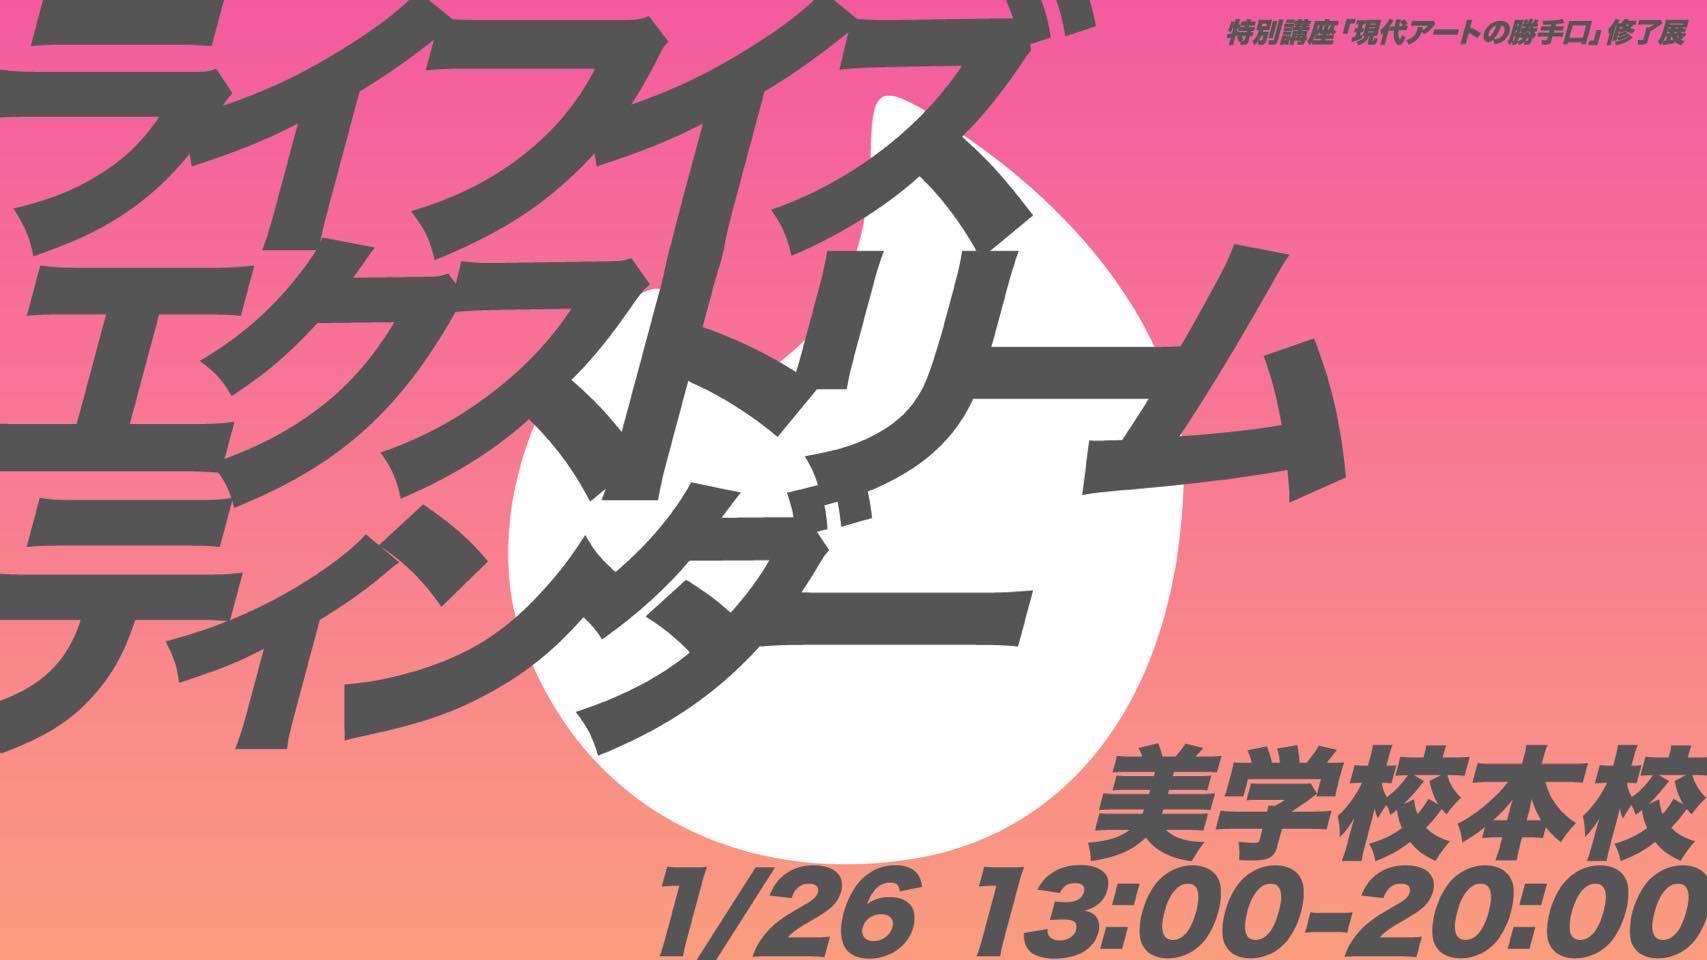 特別講座「現代アートの勝手口」修了展「ライフイズエクストリームティンダー」